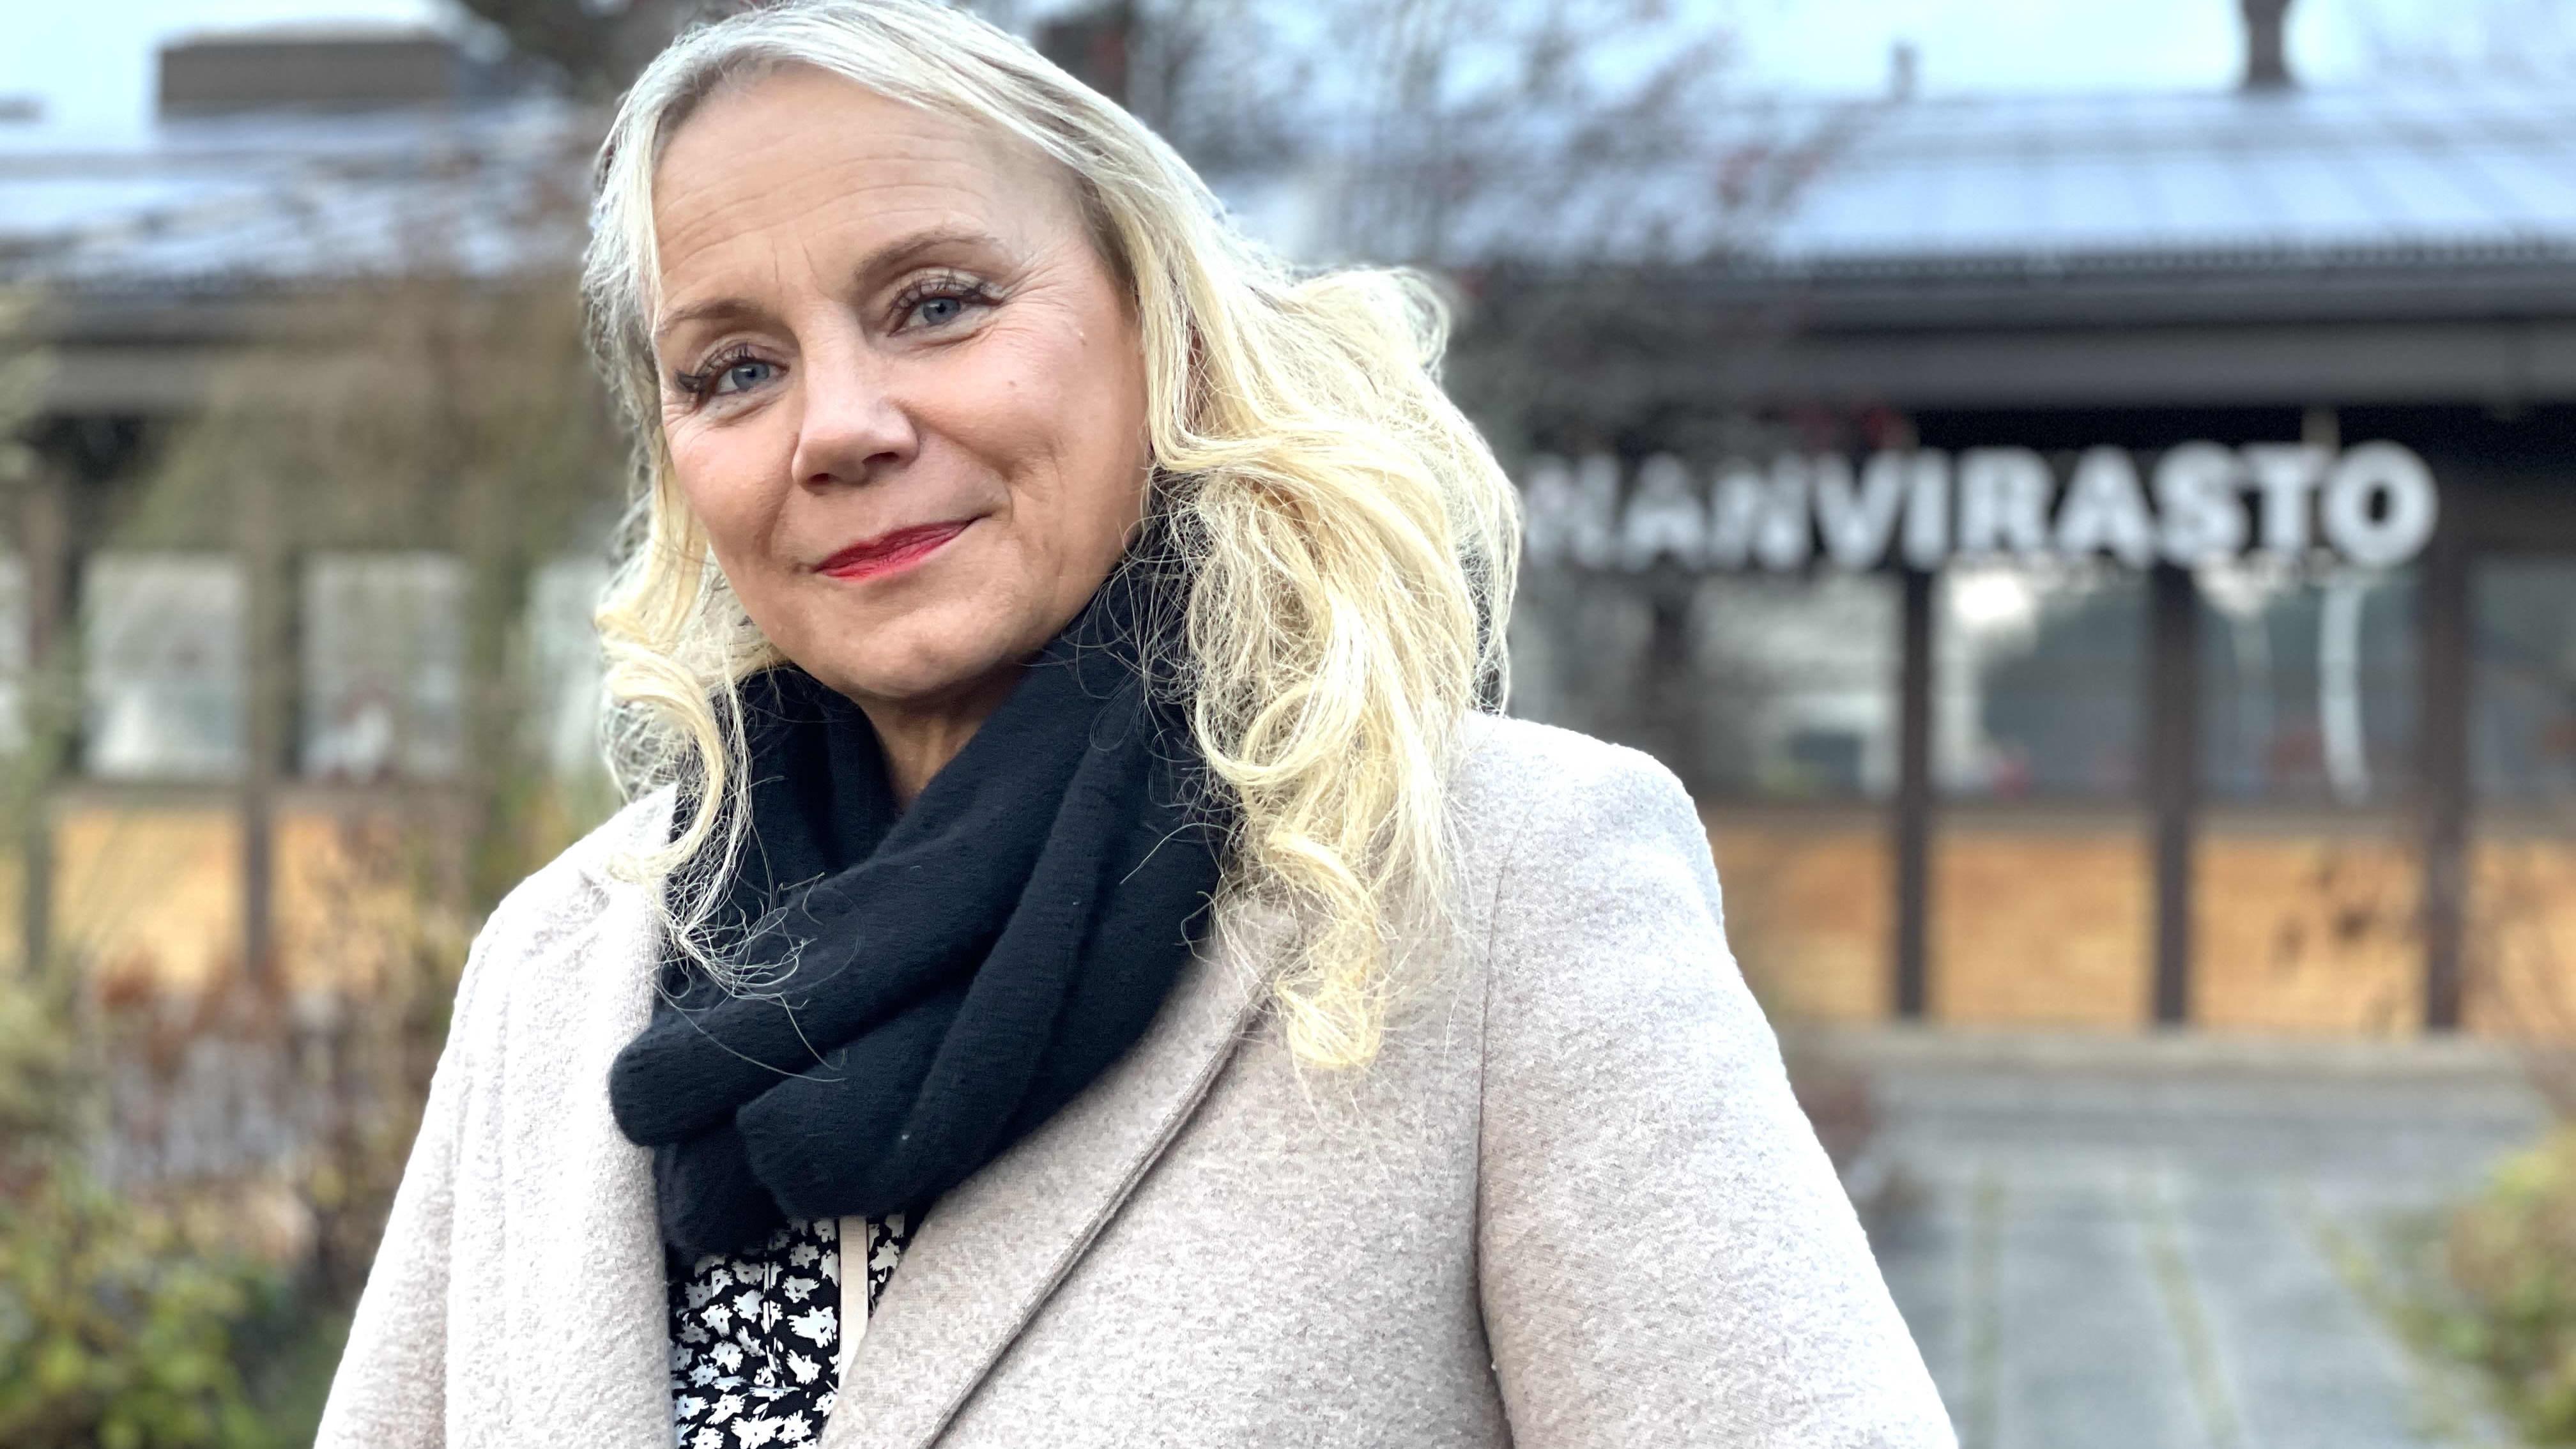 Anu Sepponen seisoo ulkona kunnanviraston ulkopuolella